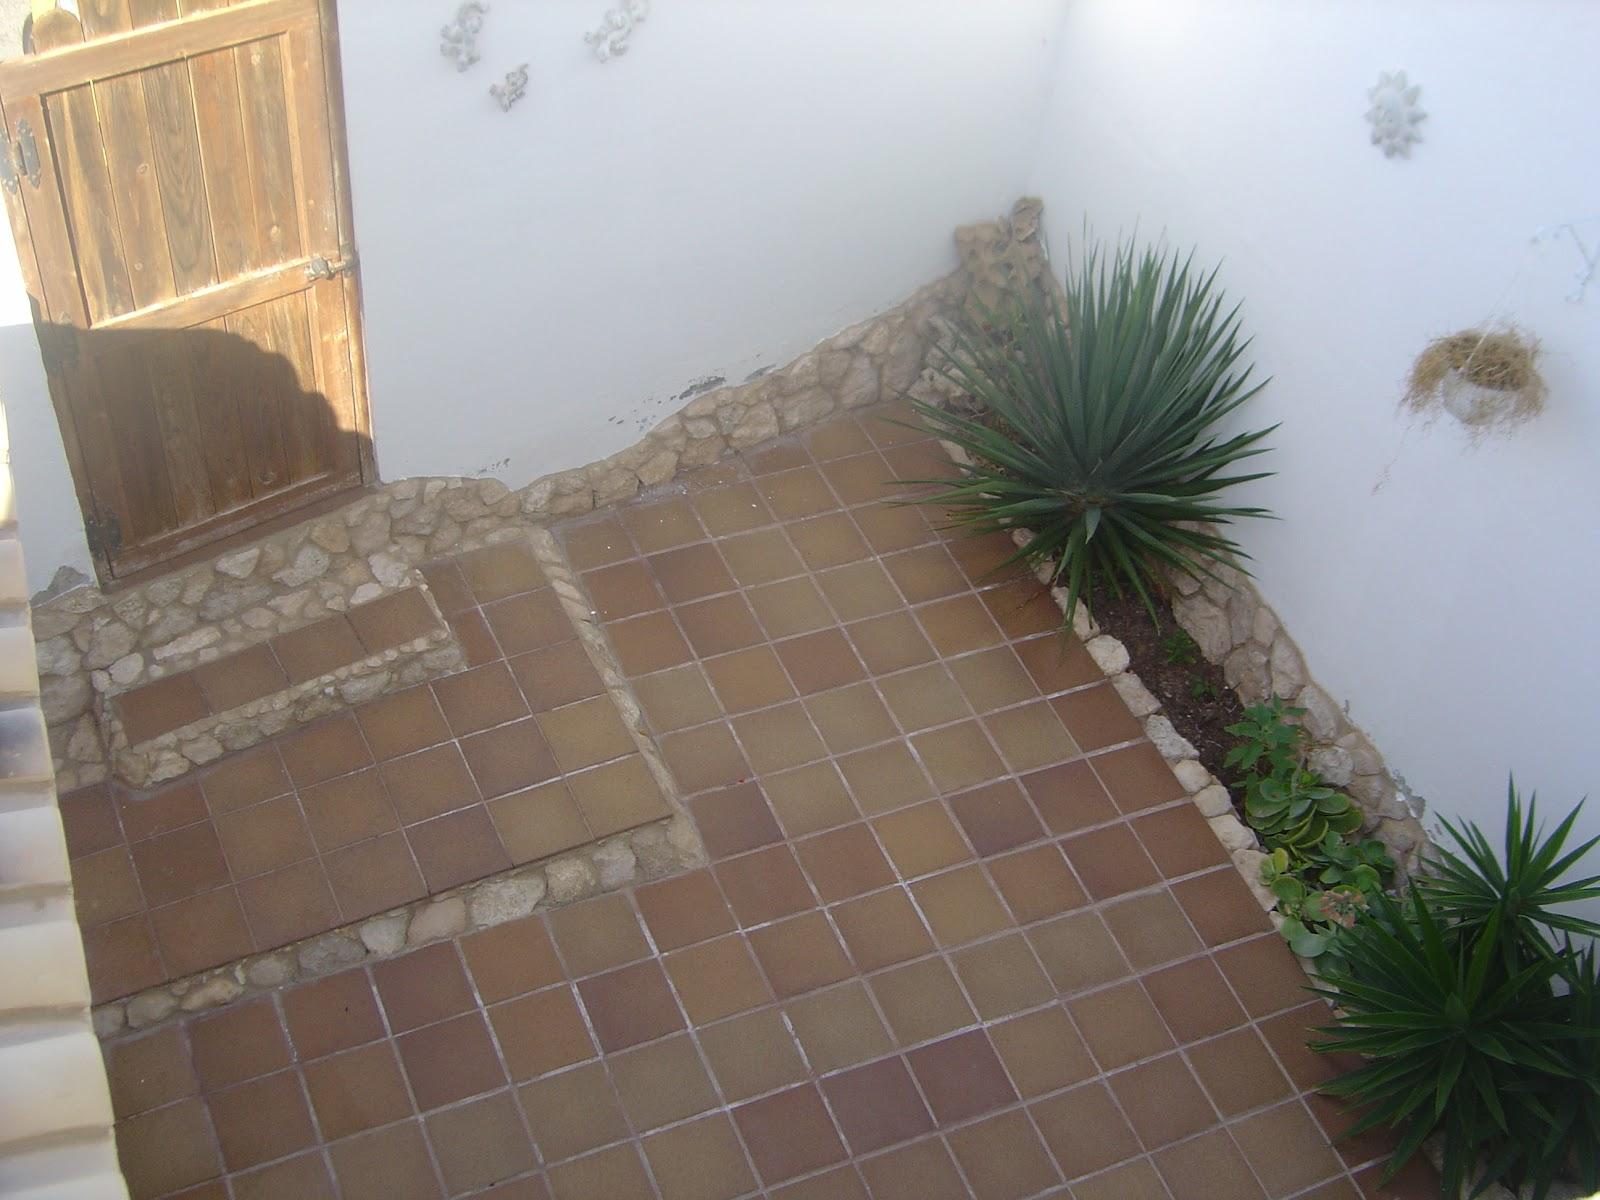 Garsdecors decoraciones artesanales dise o de patio for Como decorar una jardinera exterior